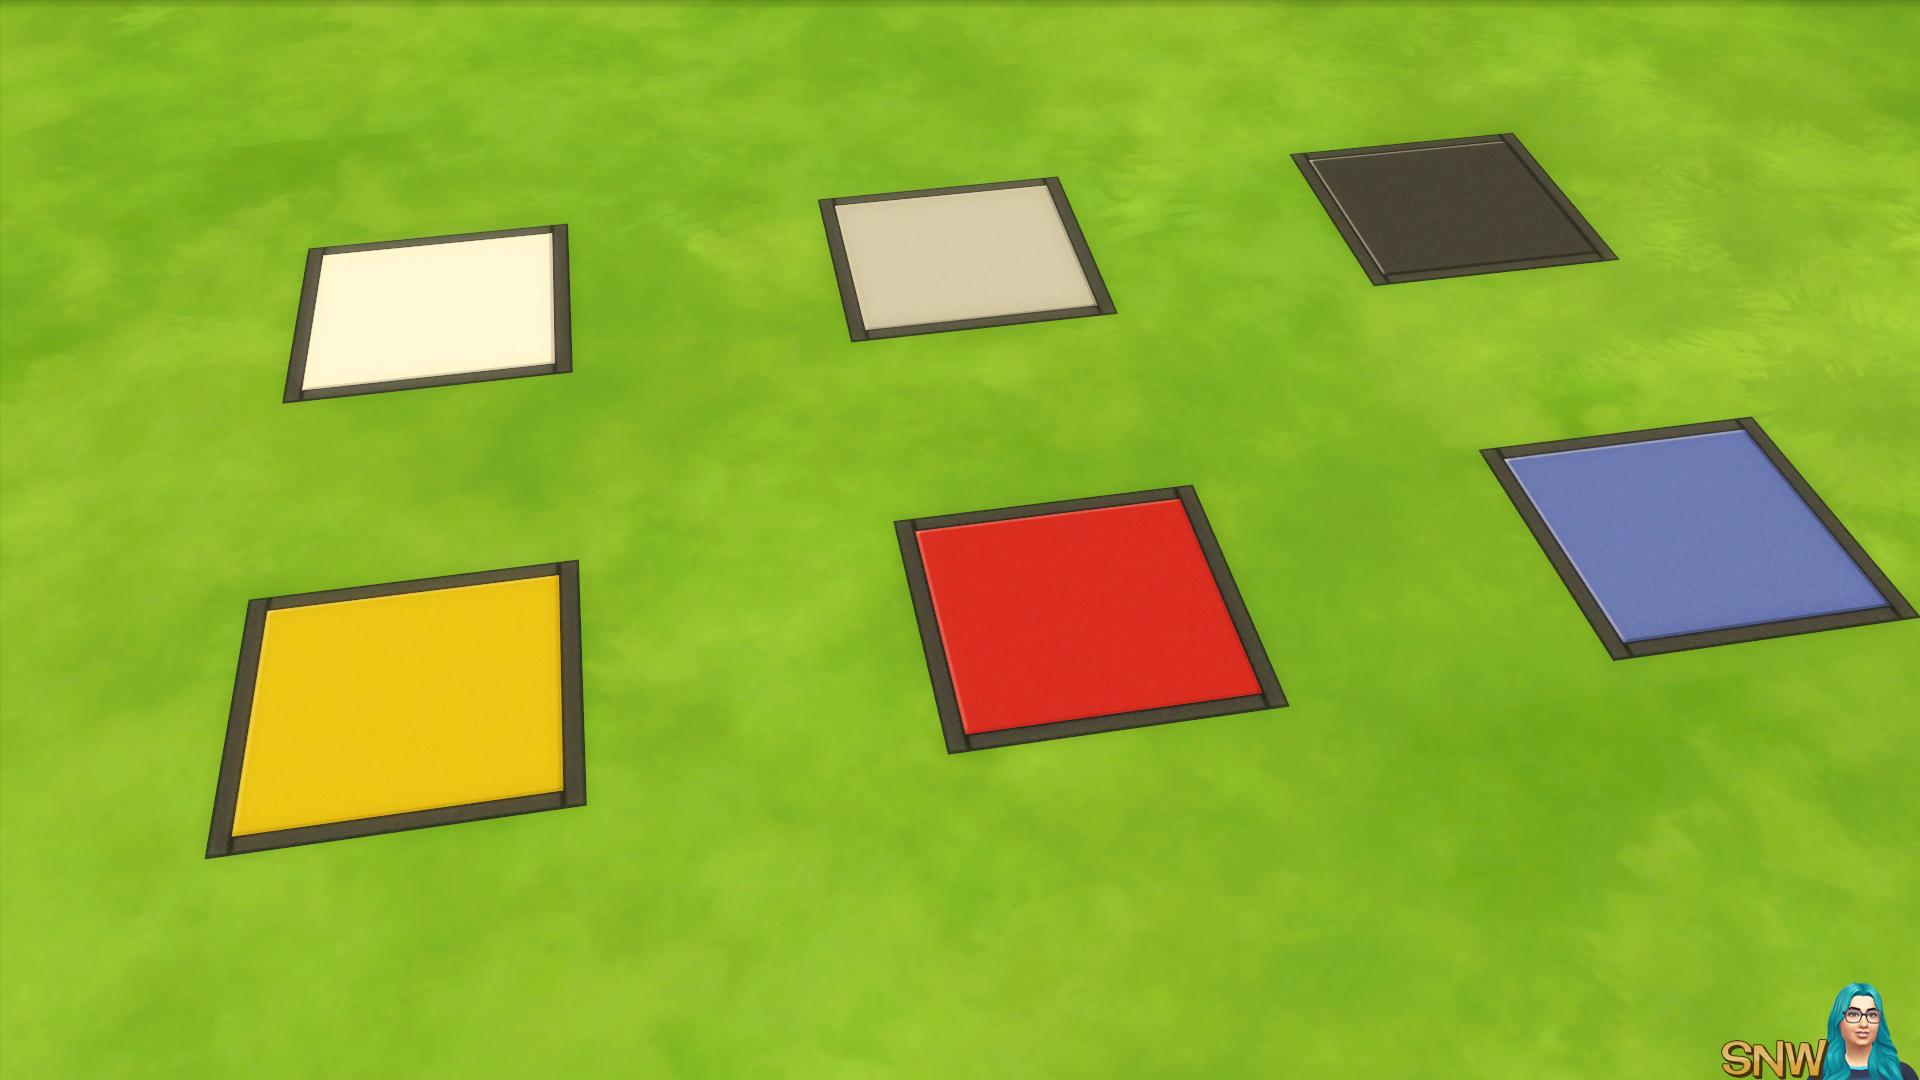 De Stijl Floor Tiles 3 Snw Simsnetwork Com